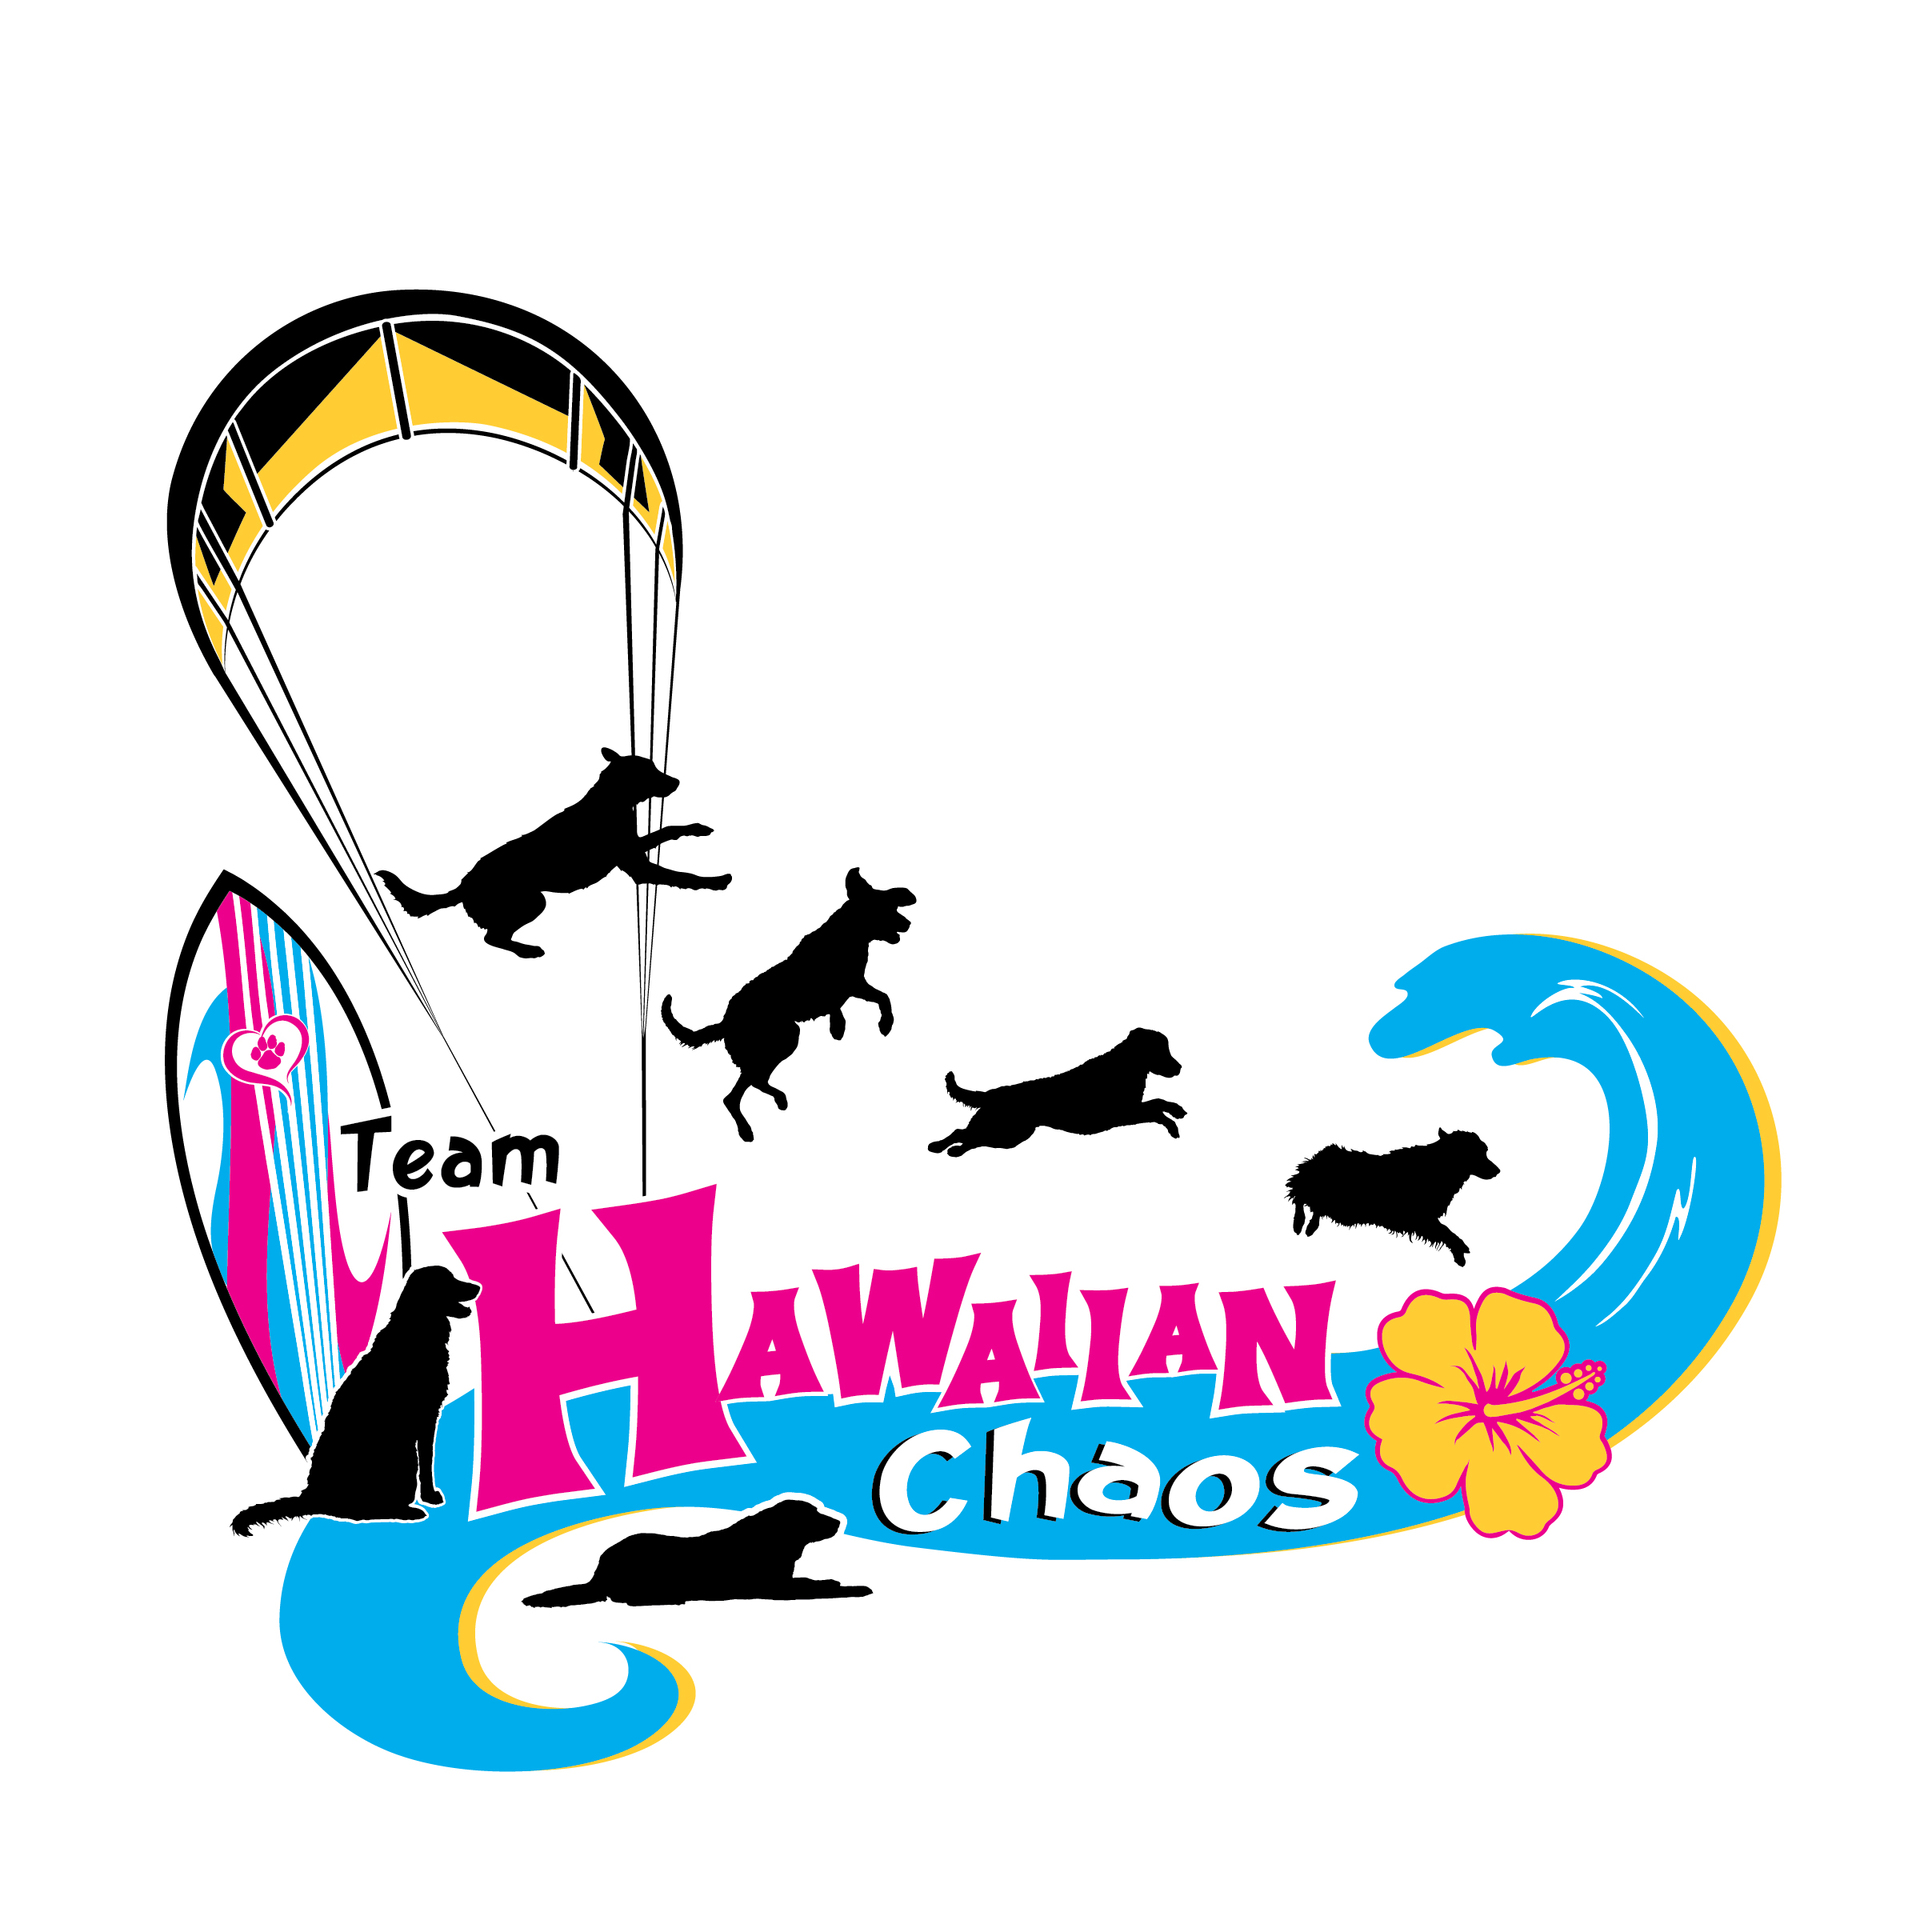 Hawaiian Chaos